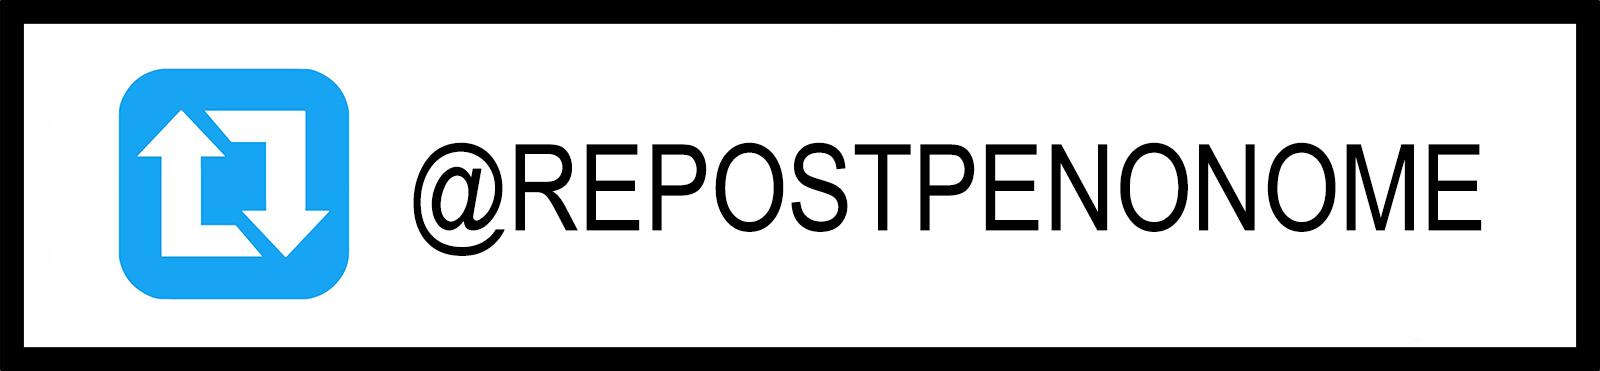 REPOSTPENONOME